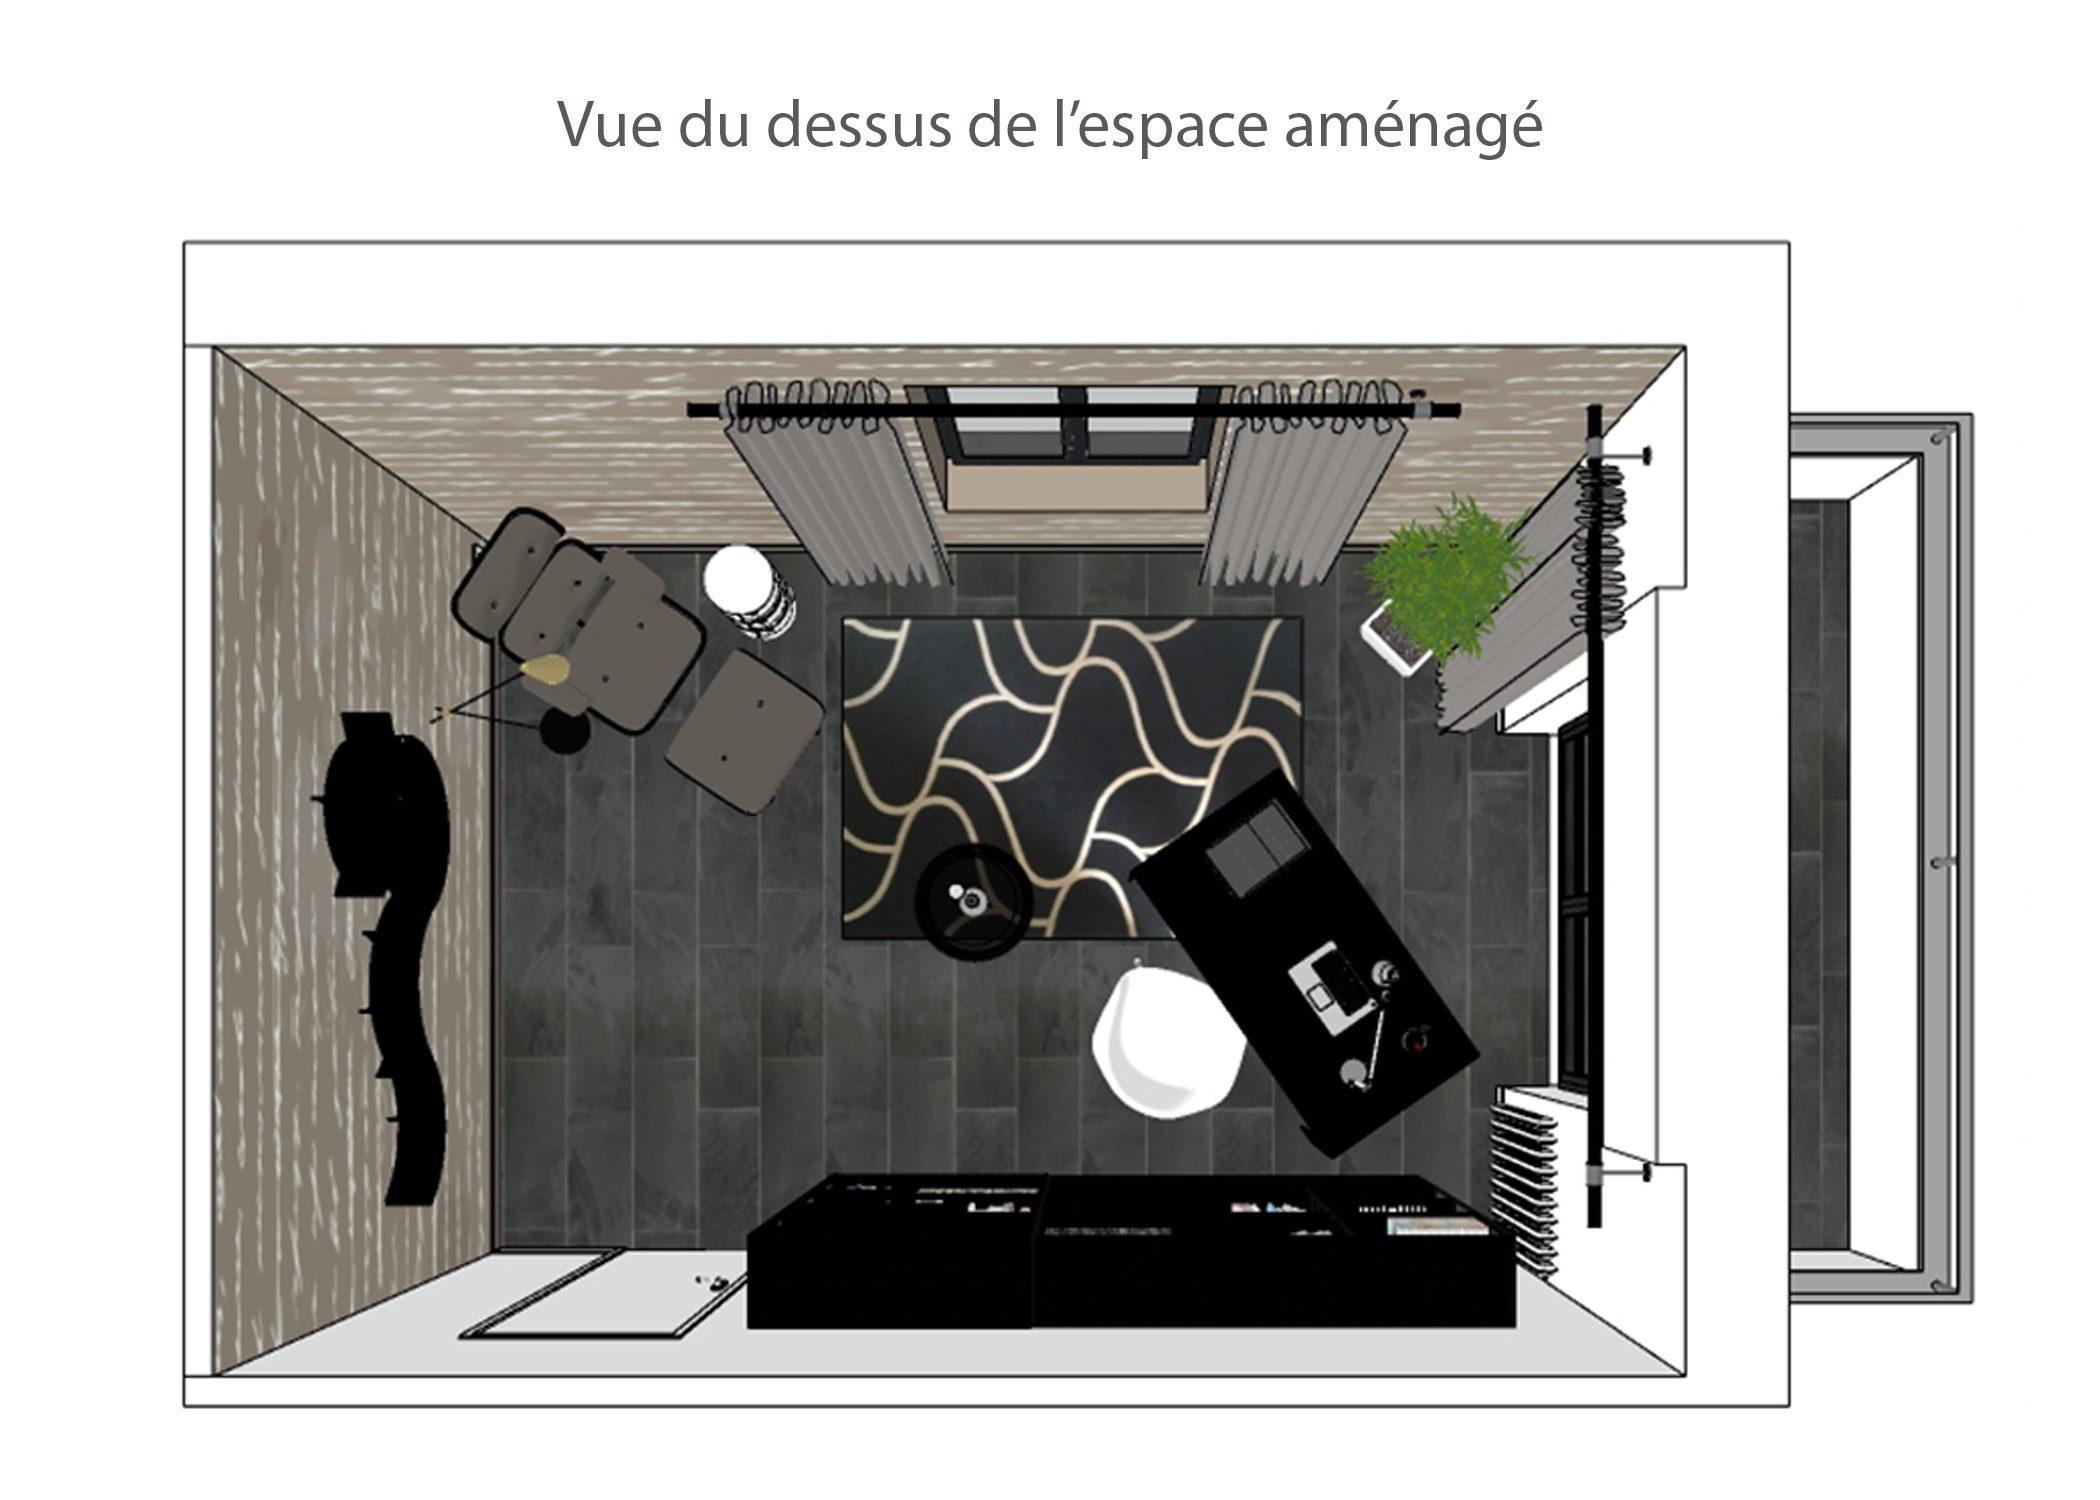 decoration-espace bureau-vue du dessus-paris-dekho design